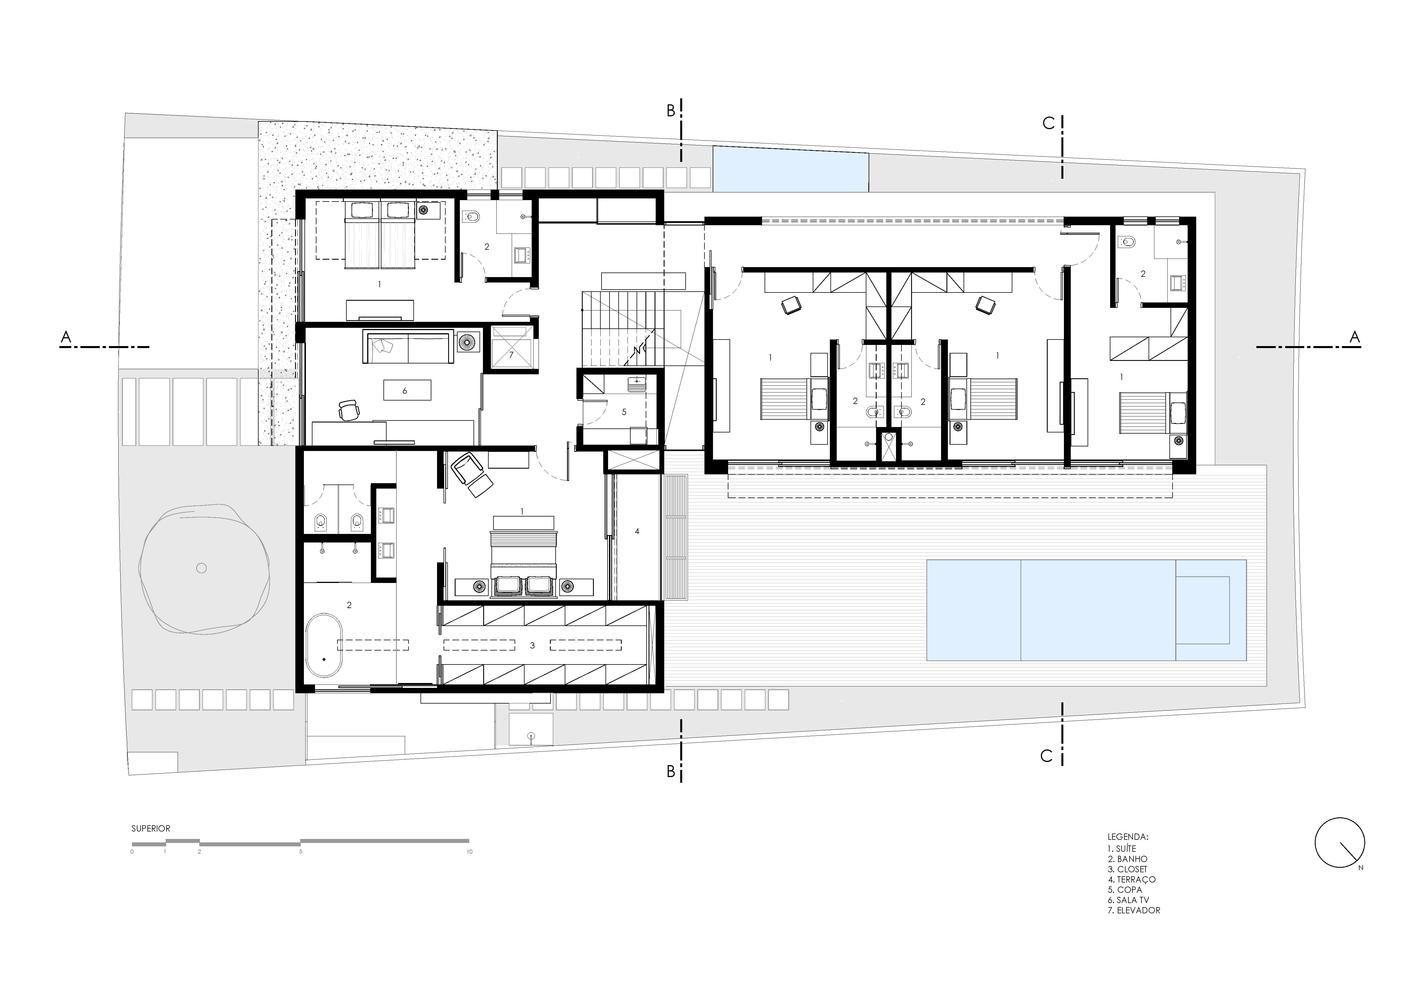 Extremamente Galeria de Projeto Residência Alphaville / mass arquitetura - 23  TW38